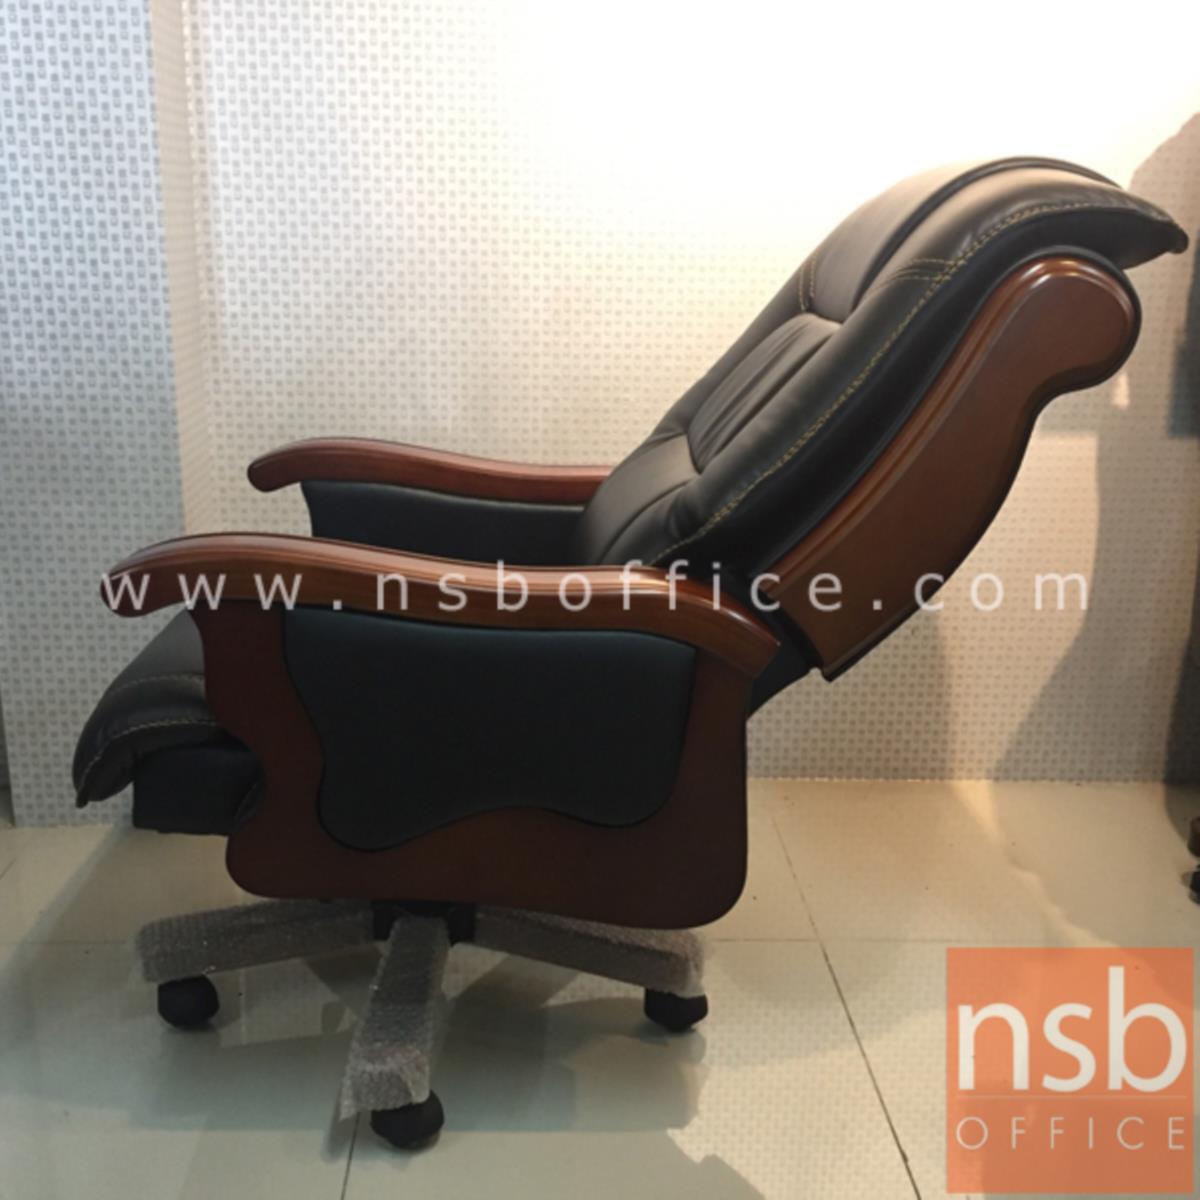 เก้าอี้ผู้บริหารหนังเทียม รุ่น AA-37  โช๊คแก๊ส มีก้อนโยก ขาไม้